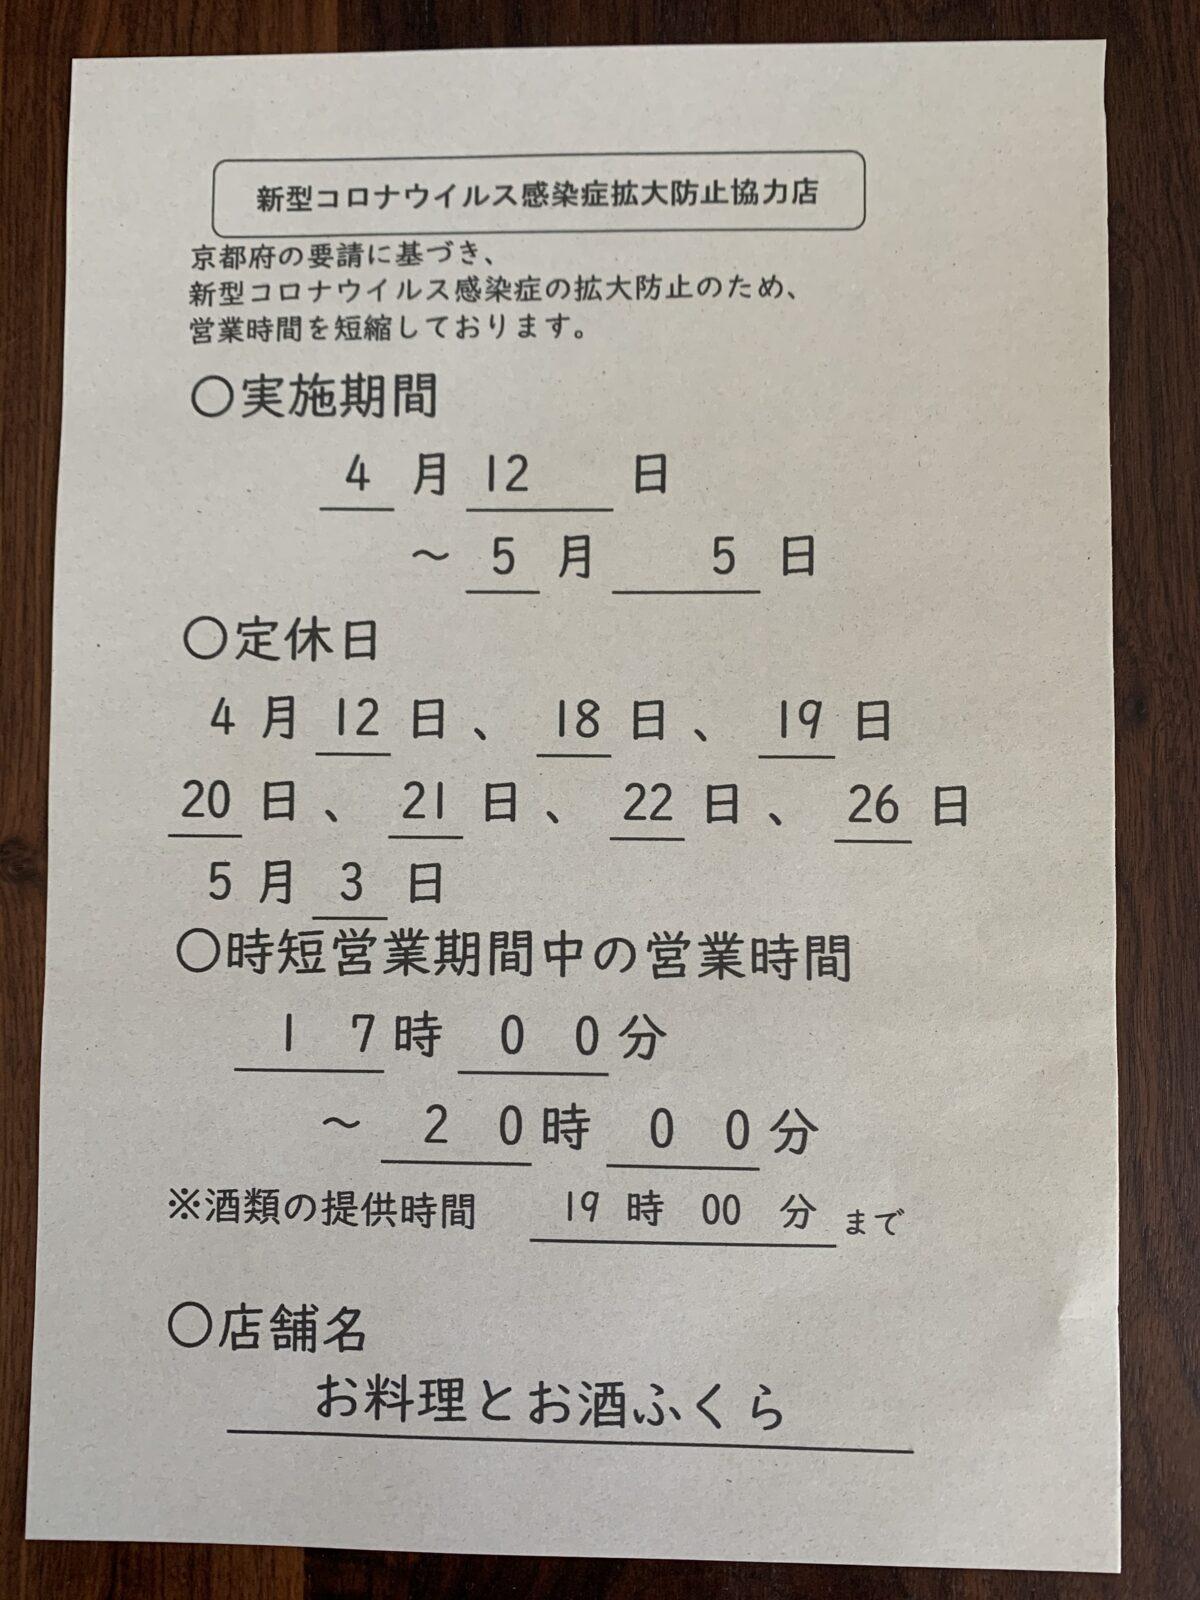 京都府蔓延防止等重点措置について